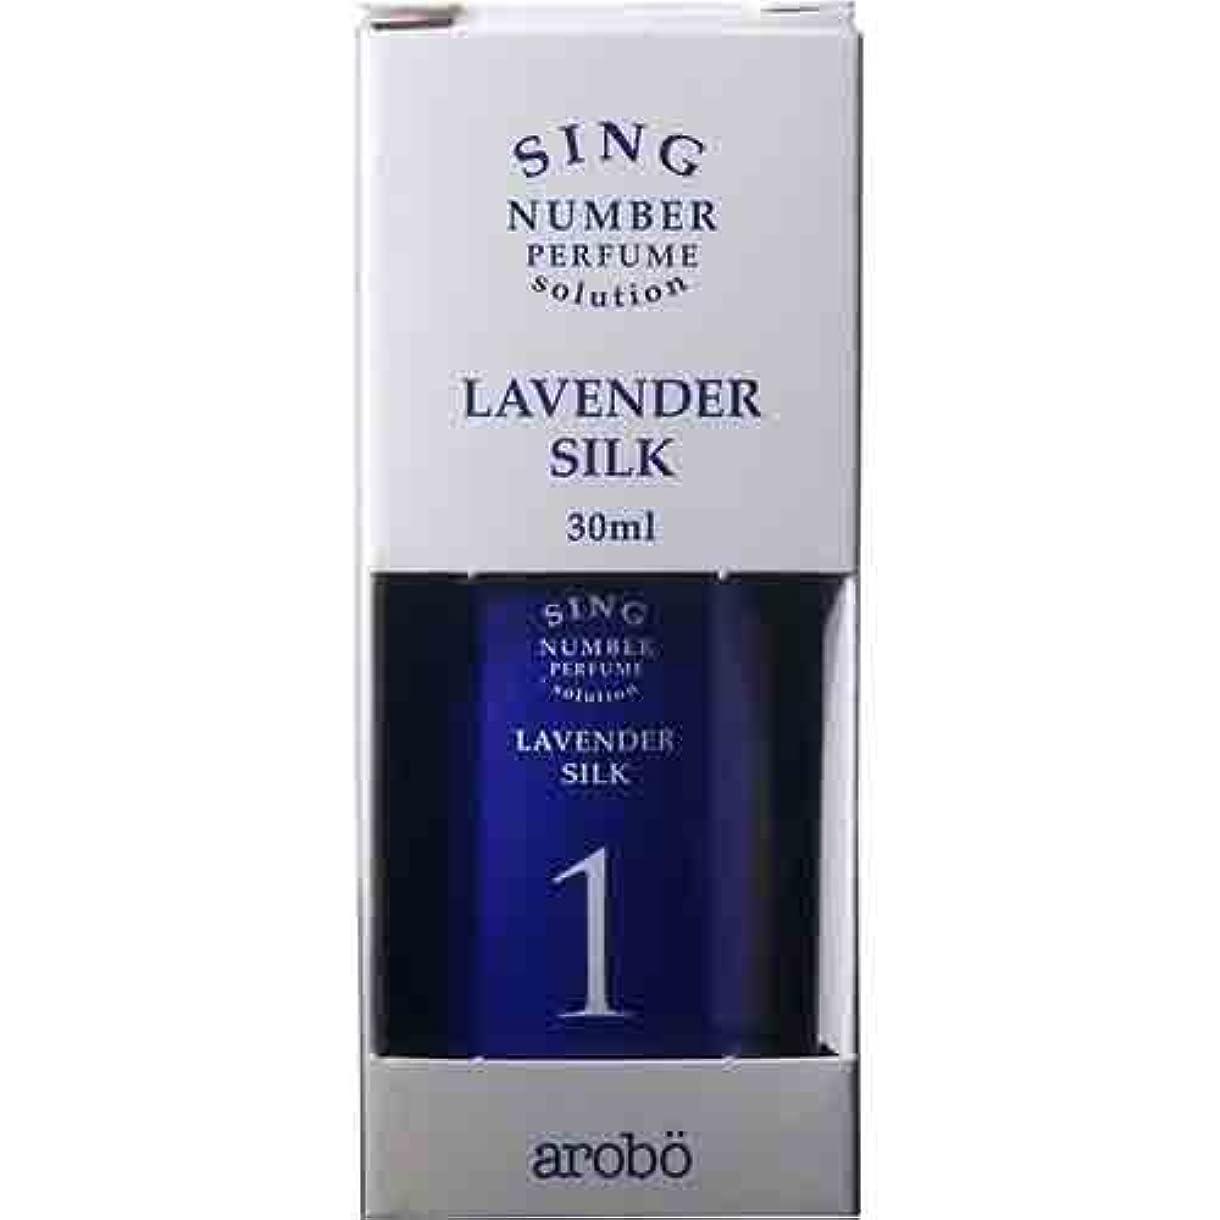 印象的な主流リスナーarobo SING 空気洗浄器用ソリューション CLV-851 30mL ラベンダーシルク